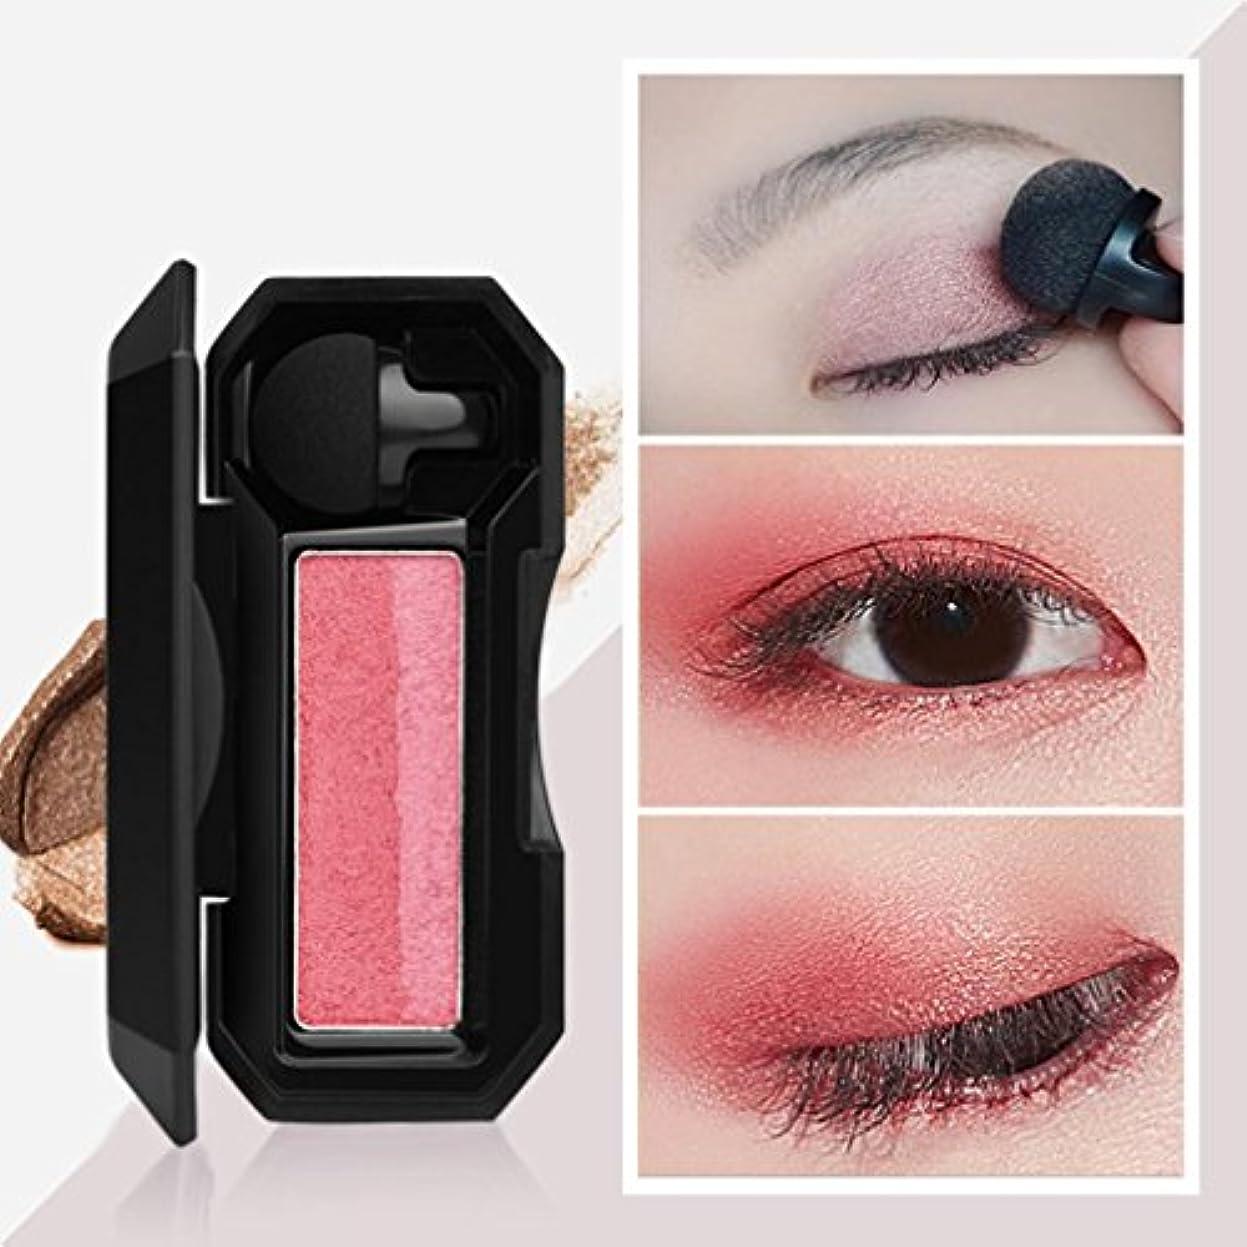 バンカーテクトニック仮定、想定。推測ビューティー アイシャドー BOBOGOJP 女性 2色 可愛い デザイン ミニスタンプアイシャドーパレット 携帯便利 極め細かい 化粧パウダー 持続性 スモーキーメイク (21A)